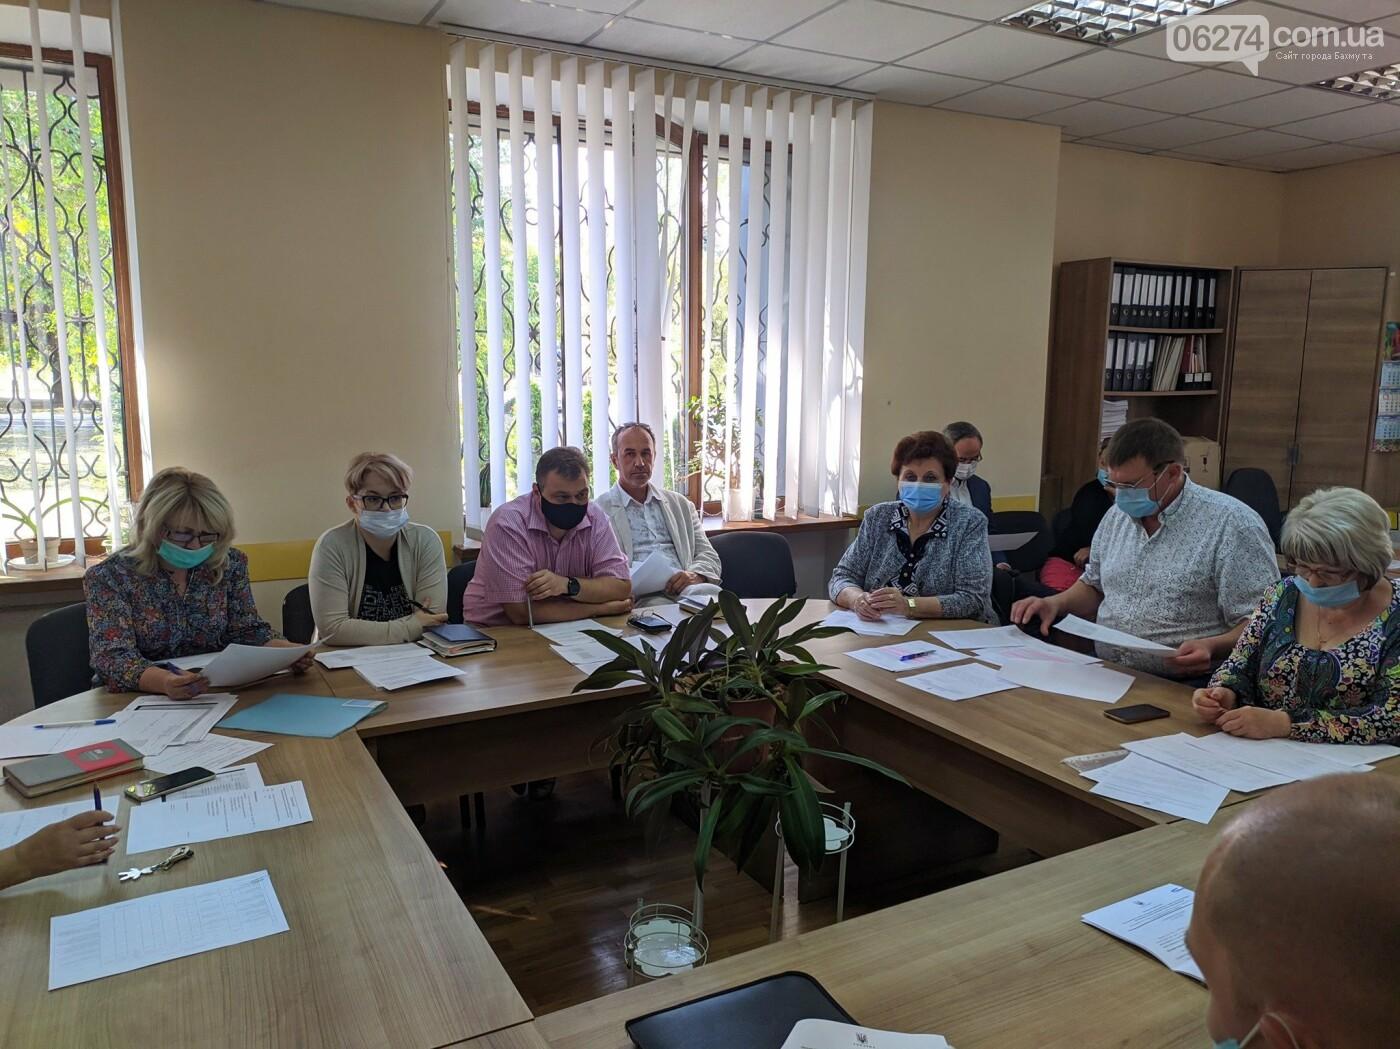 Прошло заседание городской комиссии о вопросам погашения задолженности по заработной плате, пенсий, стипендий, фото-1